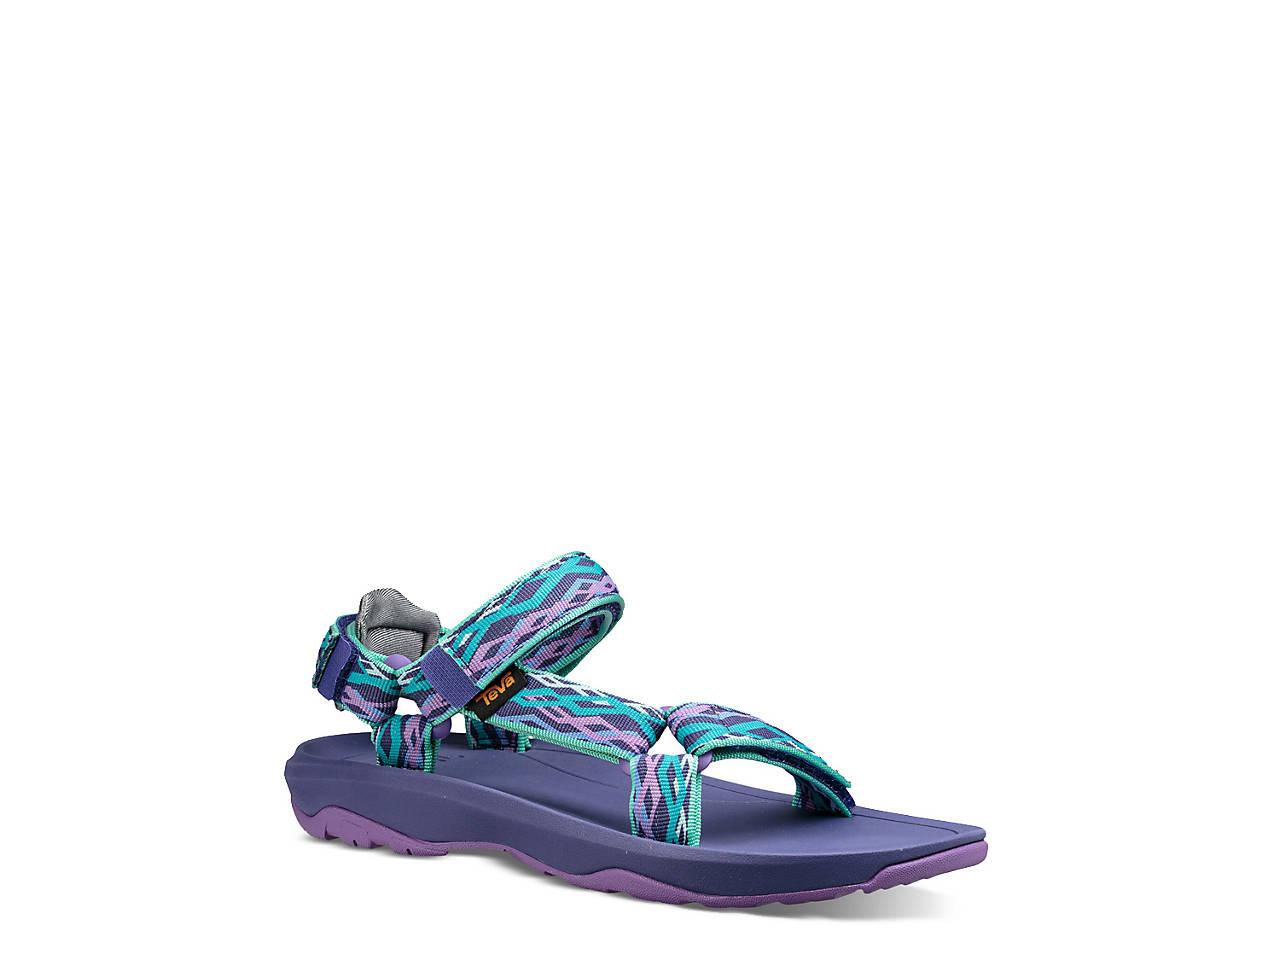 3e990cfe5326d Teva Hurricane XLT 2 Infant   Toddler Sandal Kids Shoes